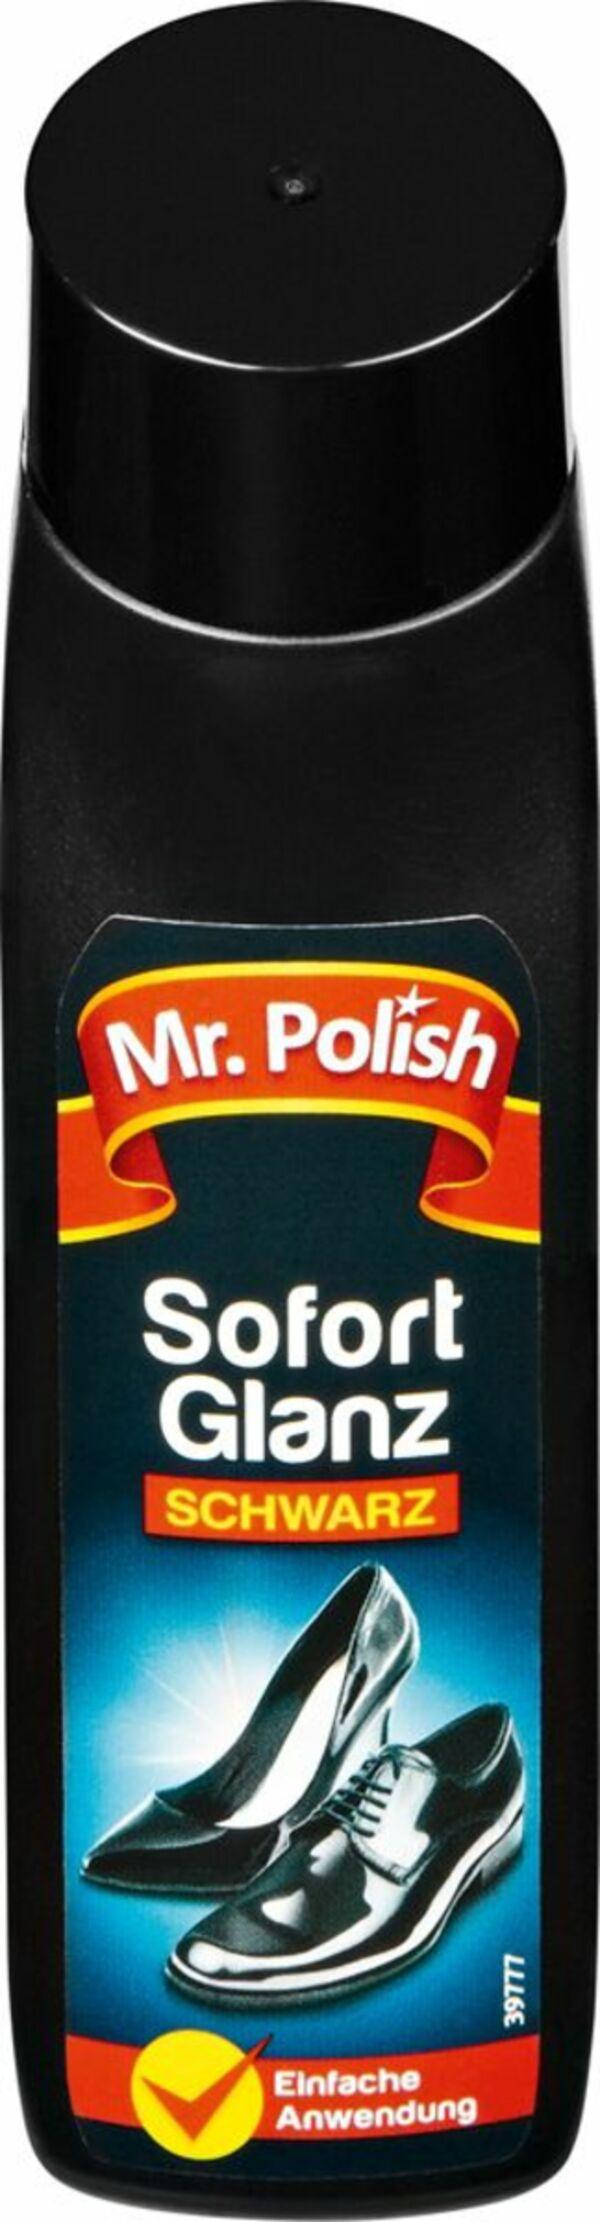 Mr. POLISH SCHNELLGLANZ SCHWARZ, 75ml